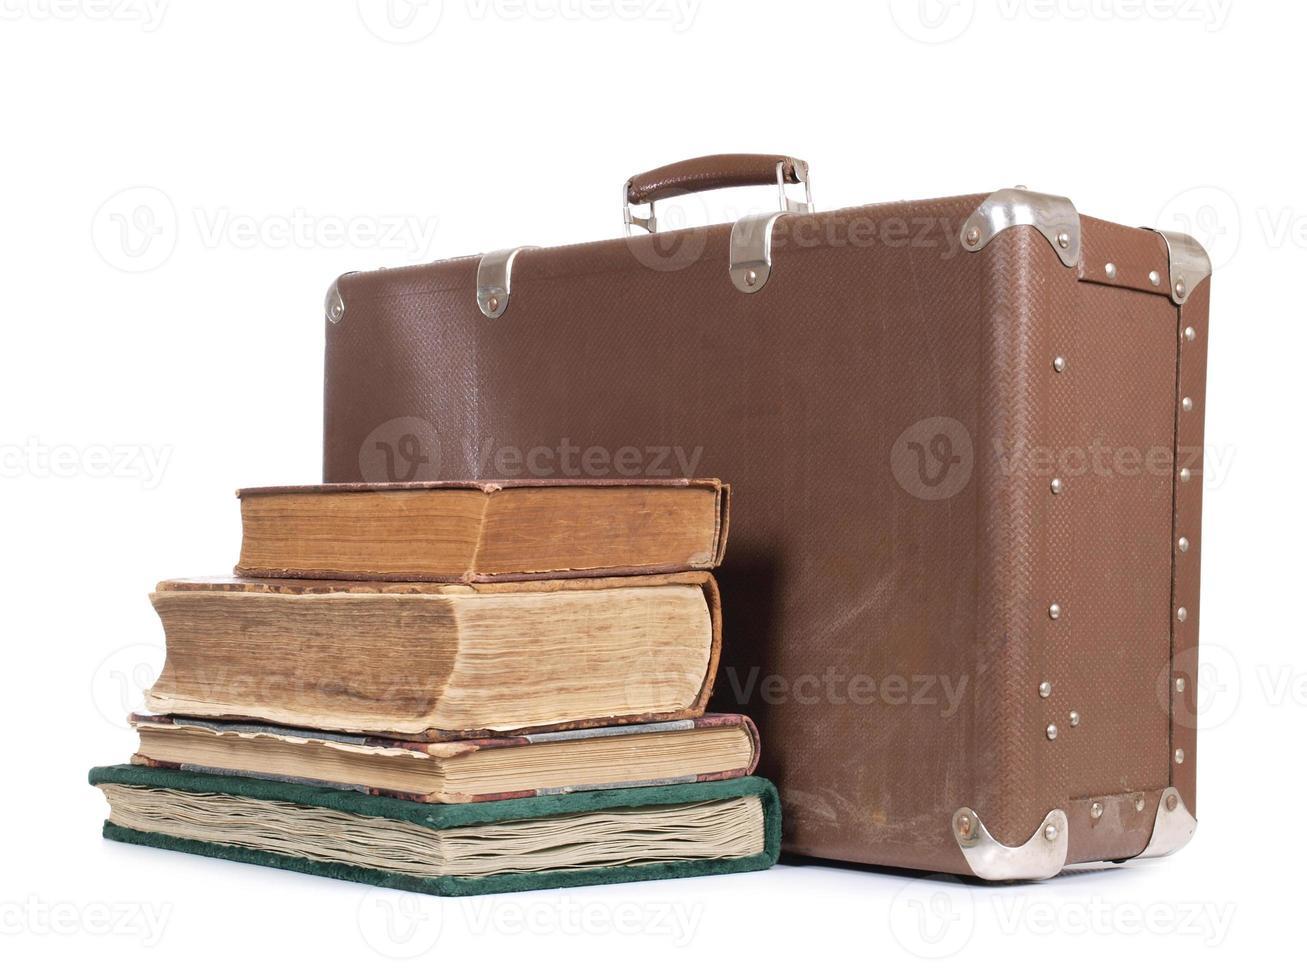 mala e livro foto